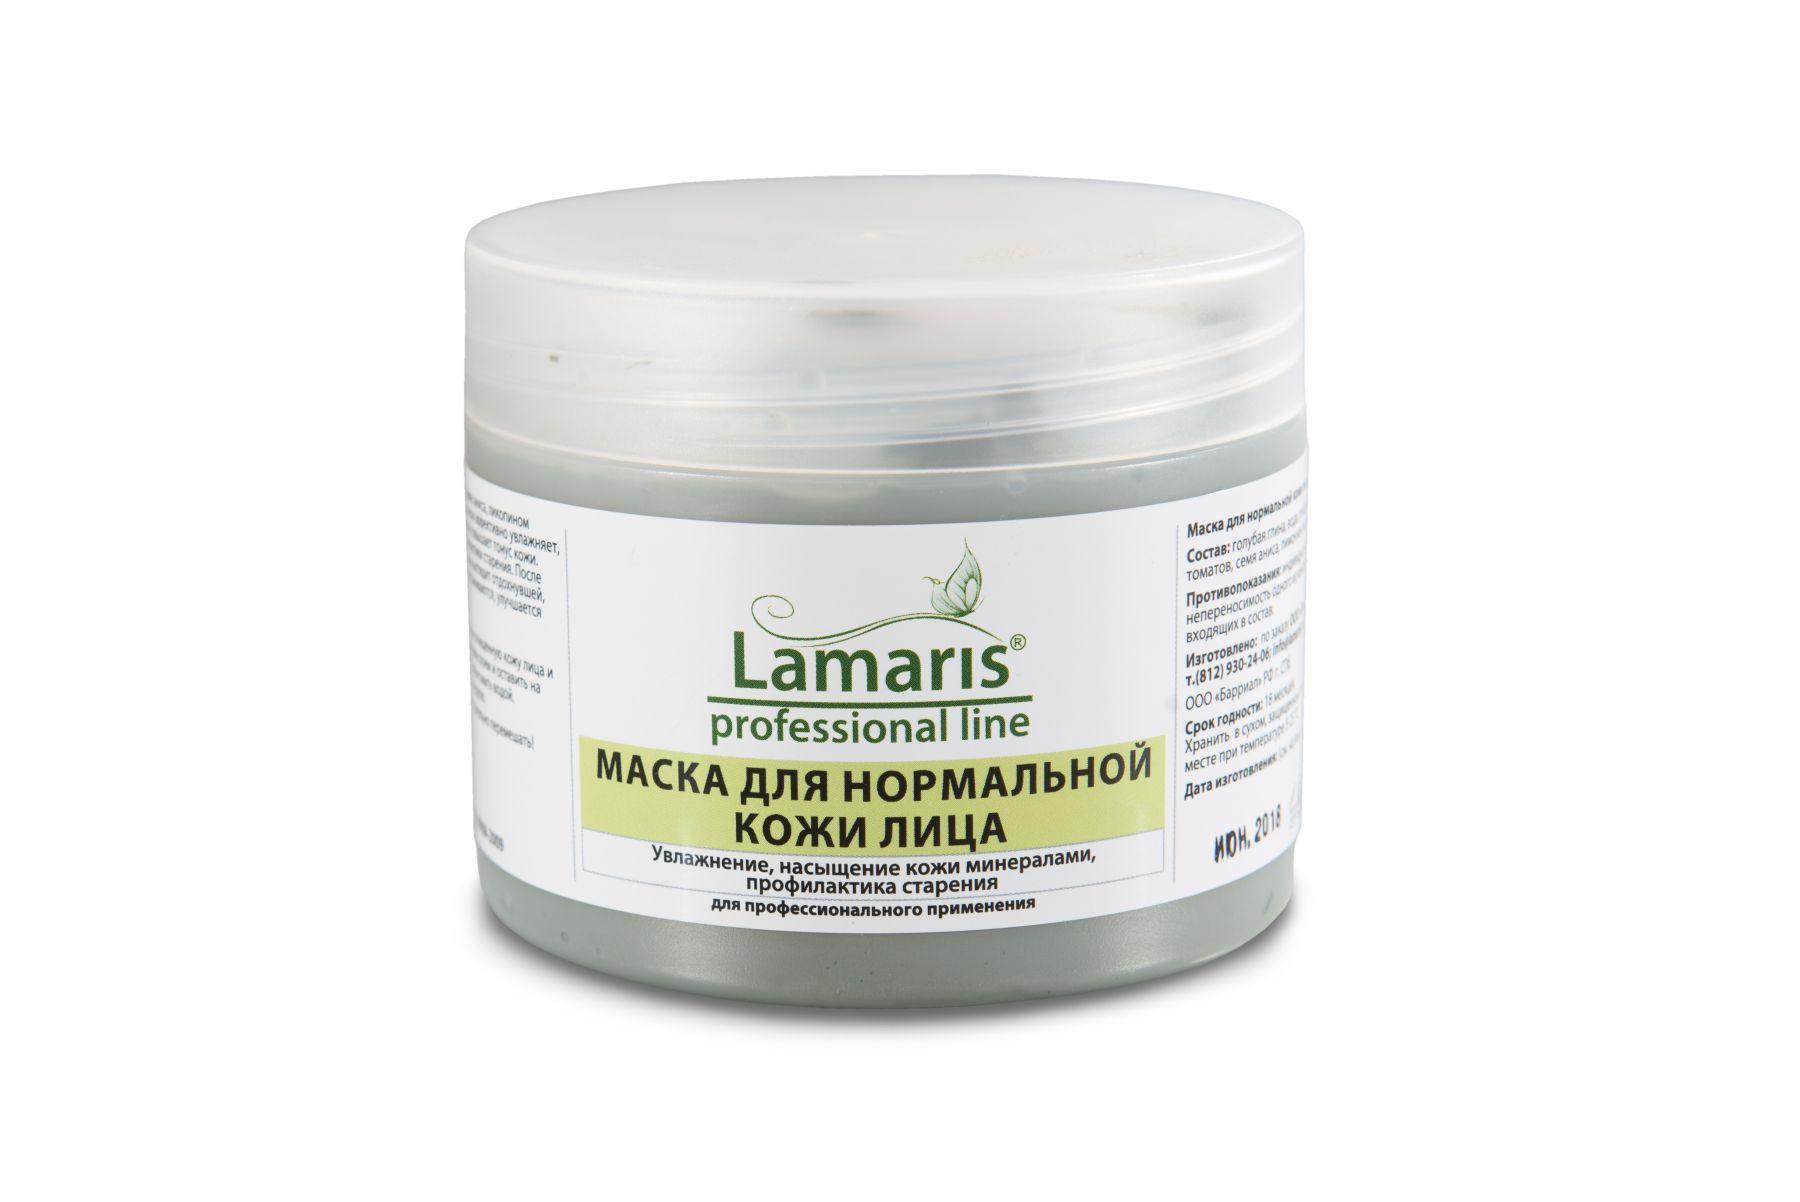 Маска для нормальной кожи лица Lamaris - 500 гр.